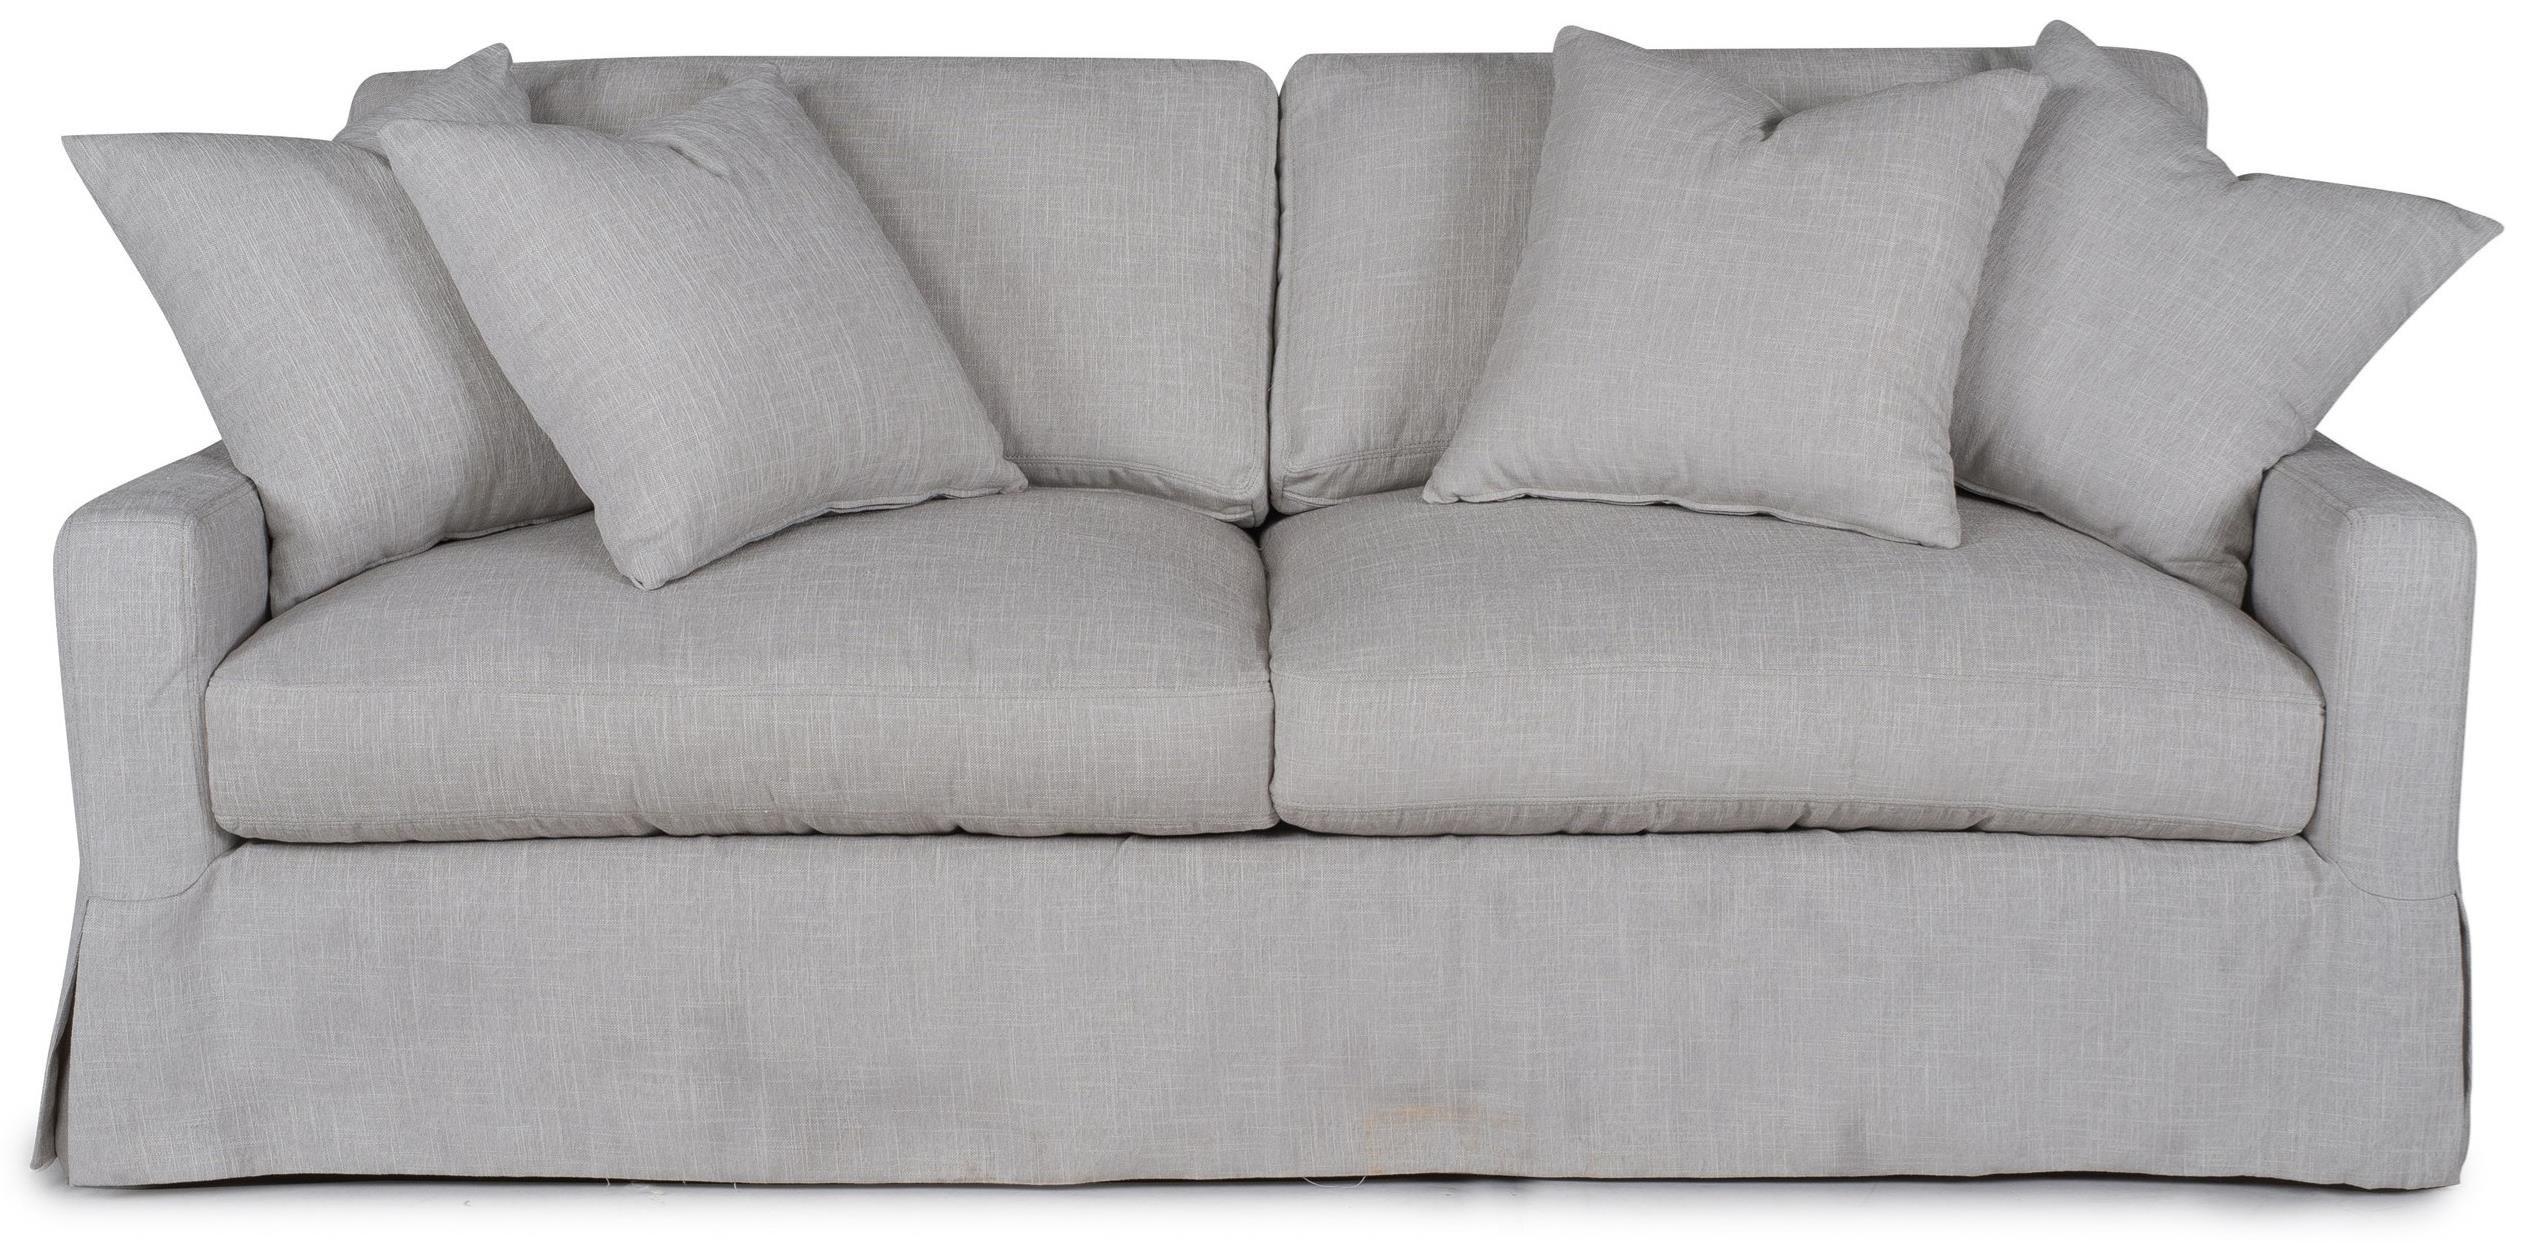 2-over-2 Sofa